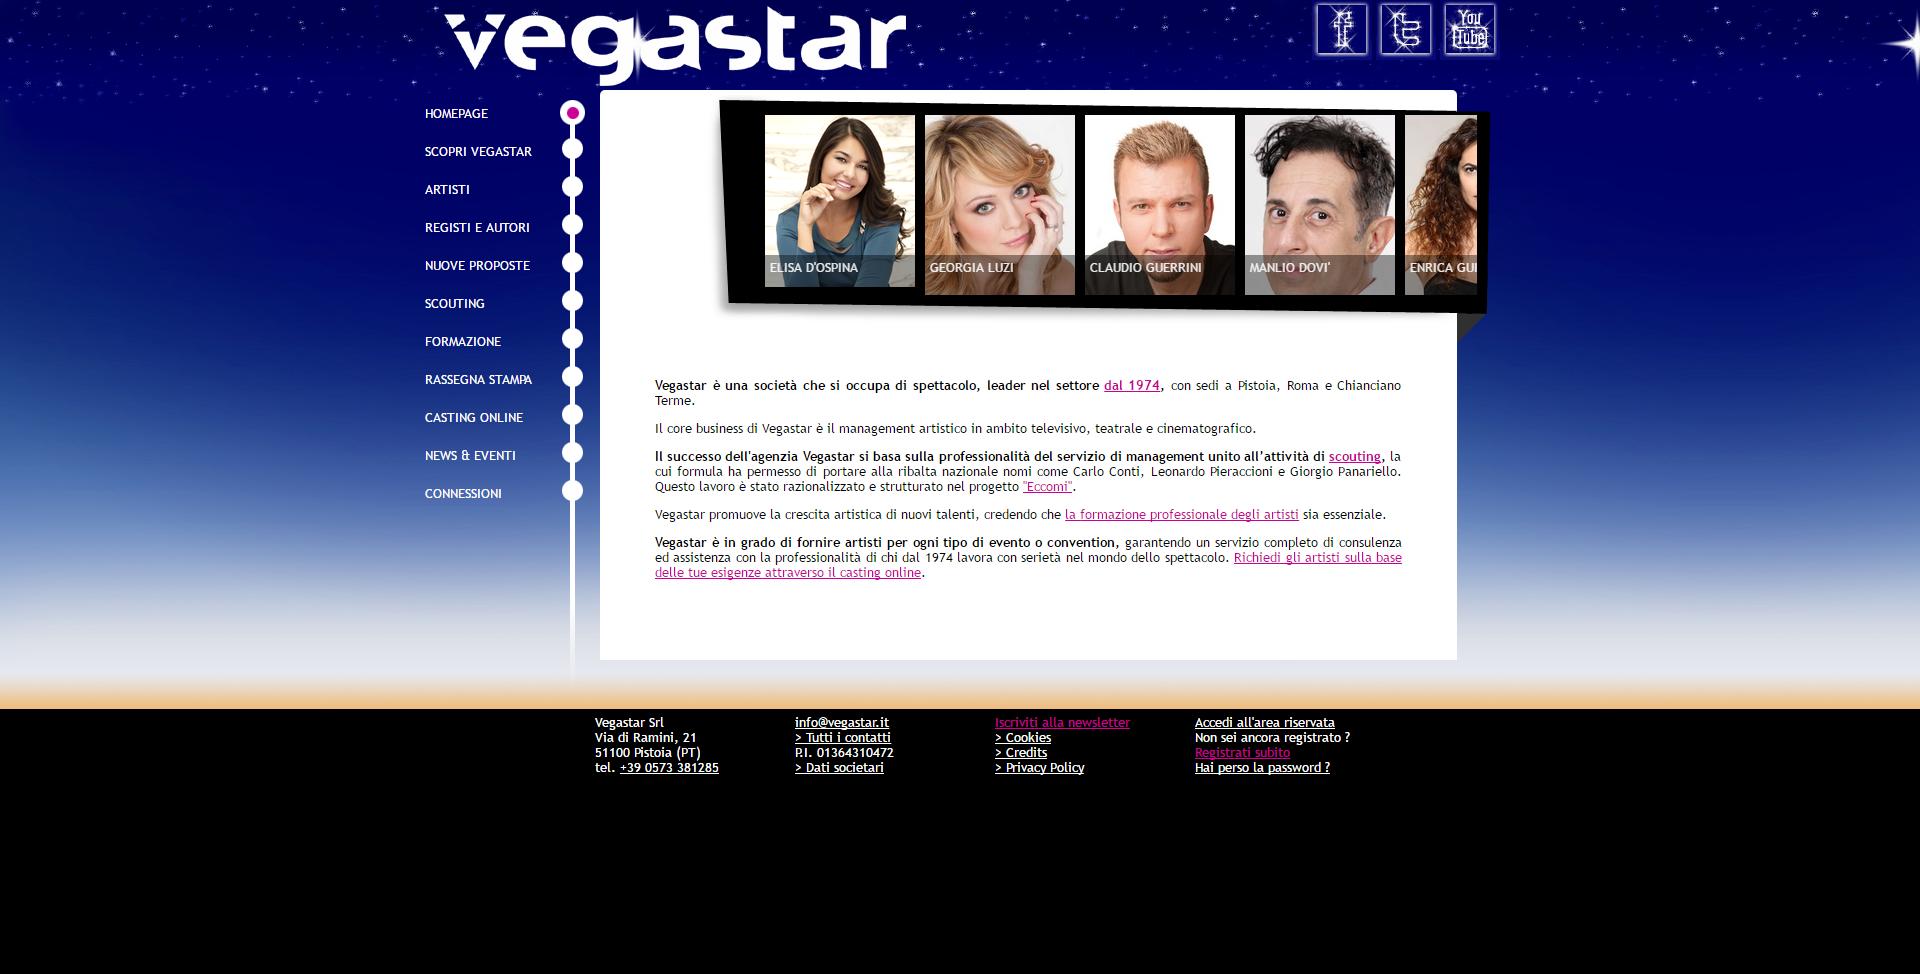 immagine home page del sito Vegastar